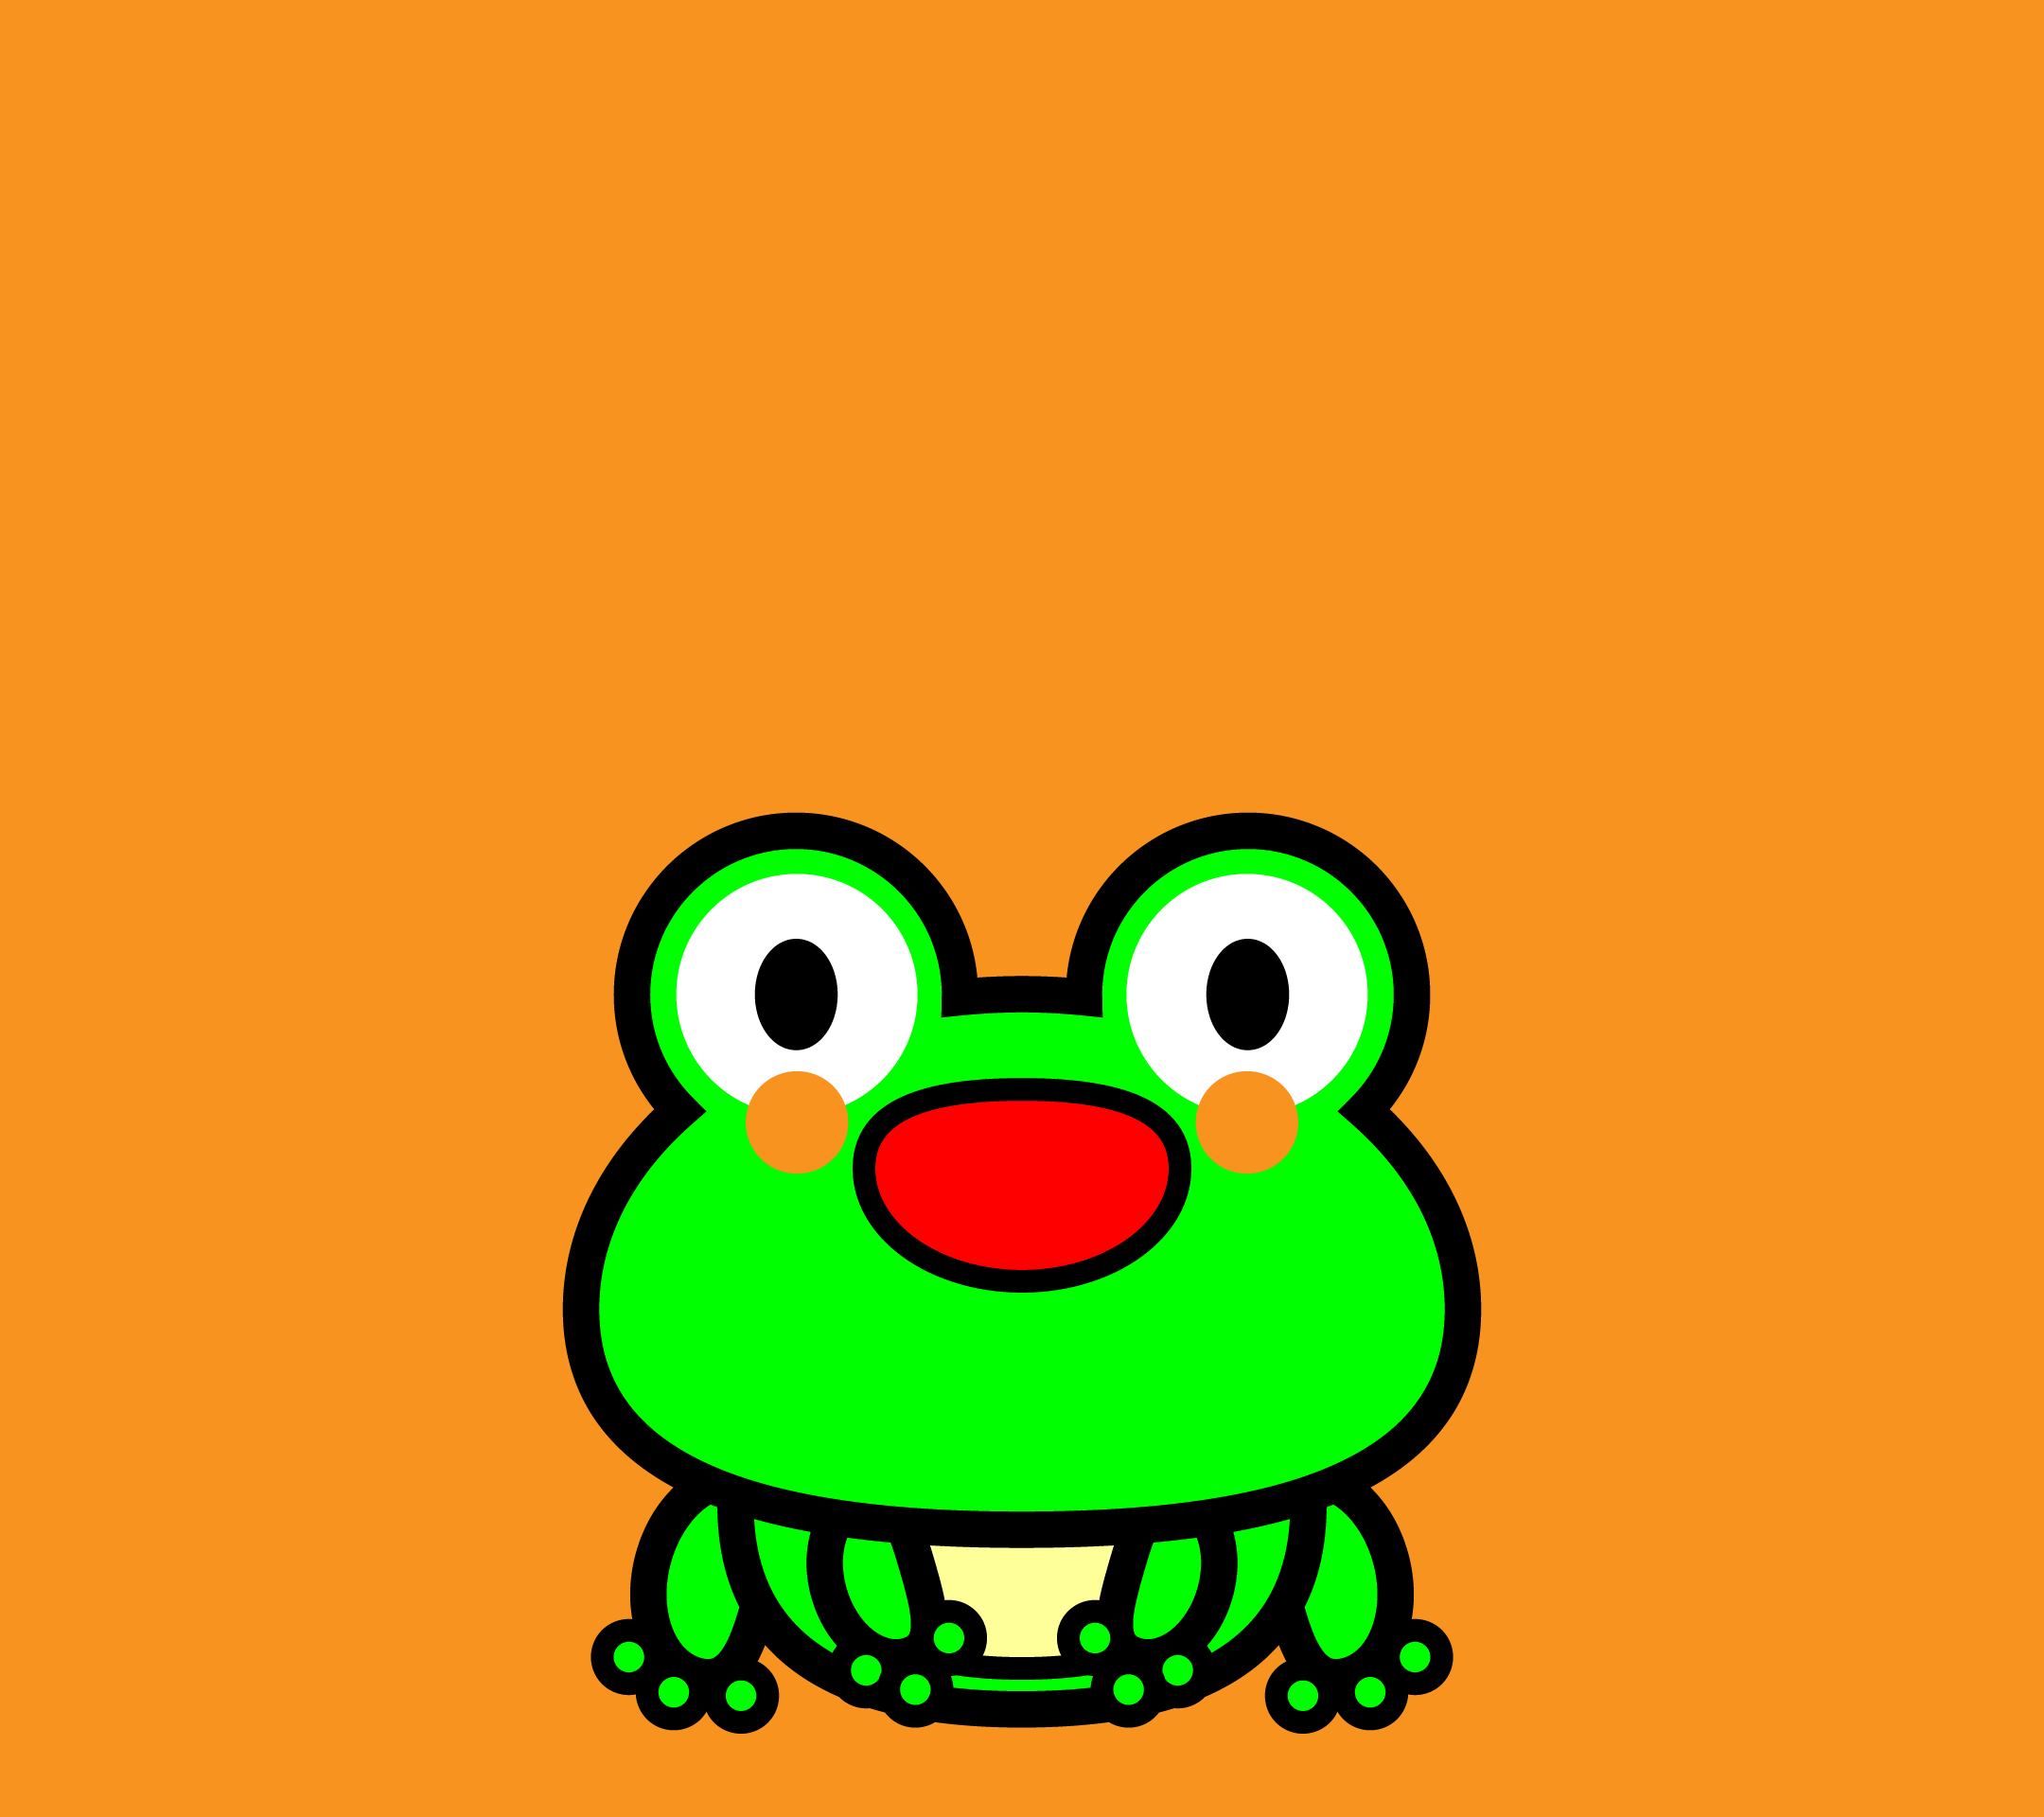 かわいい座りカエル壁紙(Android)の無料イラスト・商用フリー